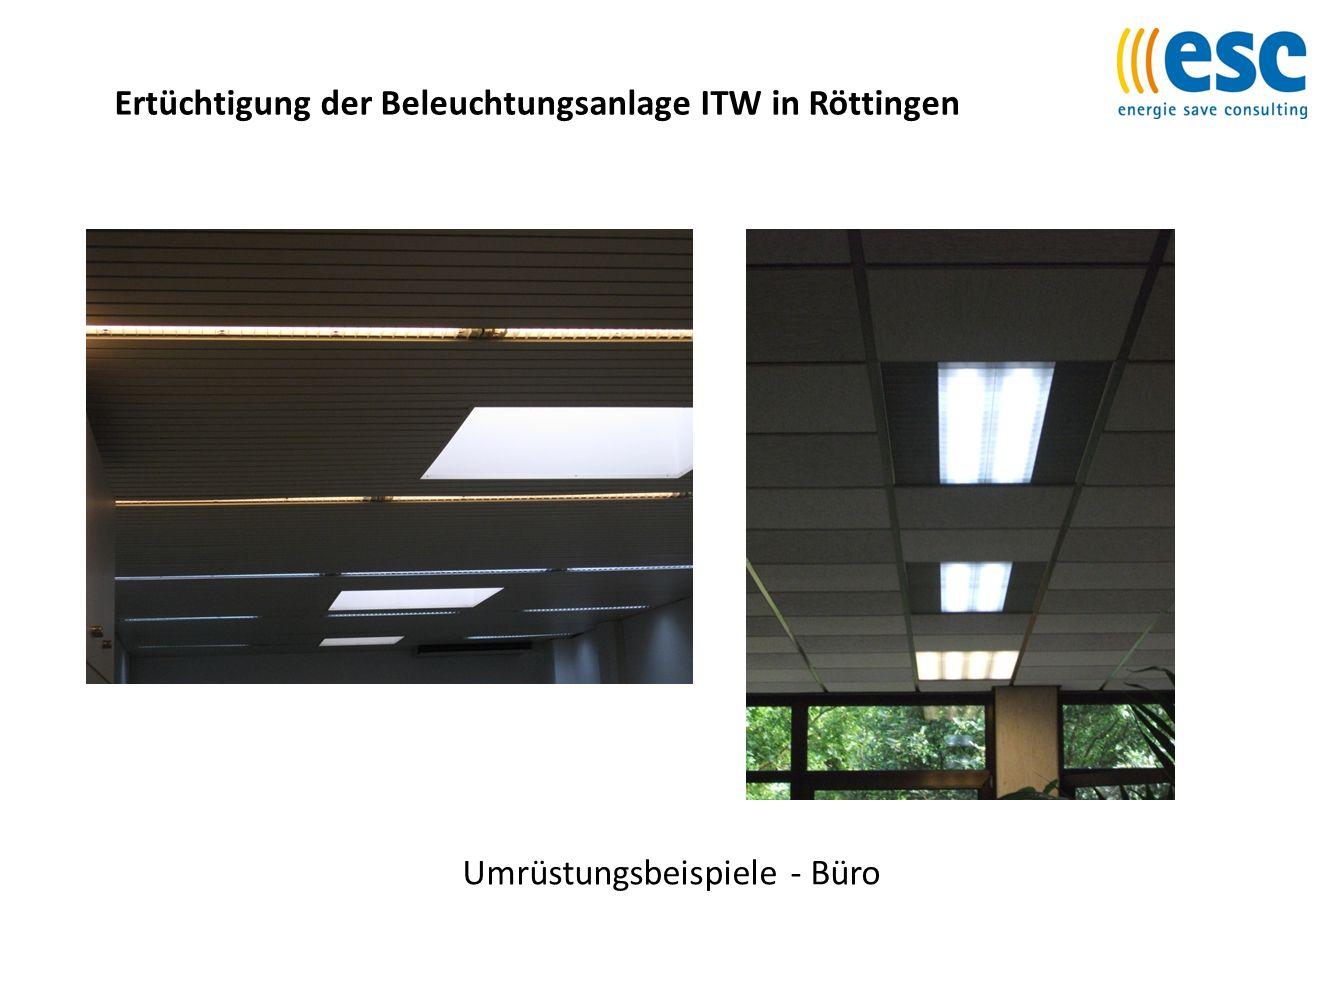 Ertüchtigung der Beleuchtungsanlage ITW in Röttingen Umrüstungsbeispiel - Leuchtstofflampe vorhernachher